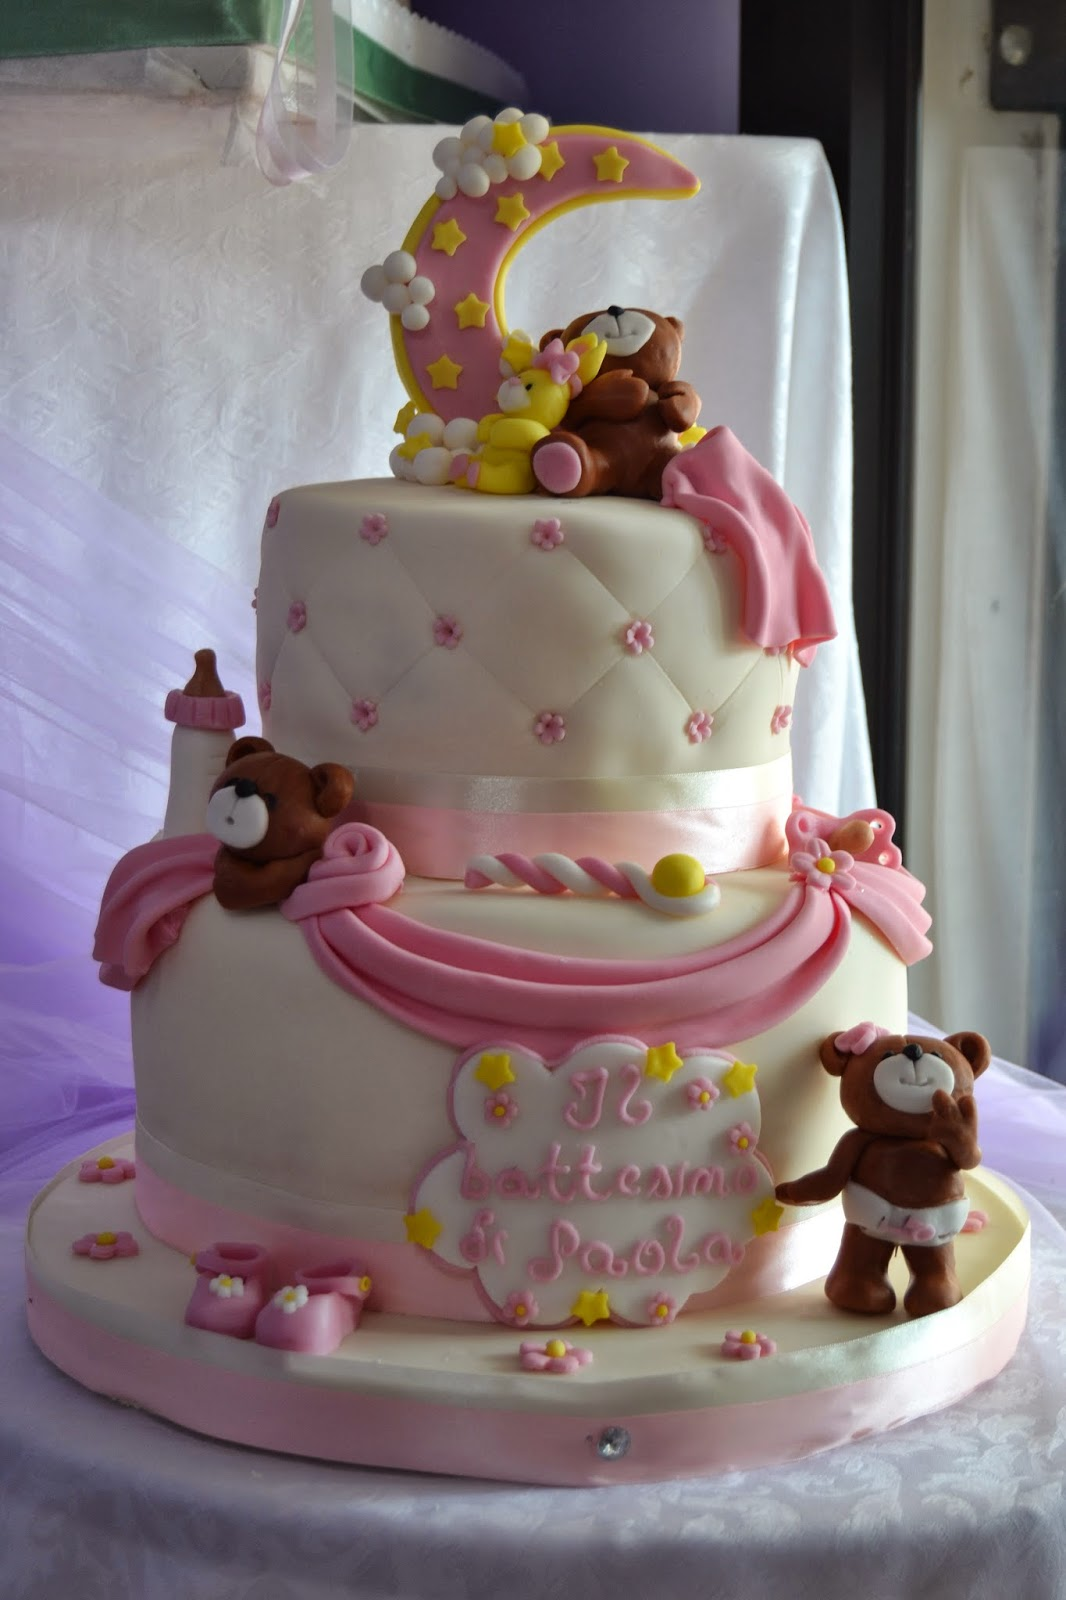 Torta Cake Design Torino : Dolce Universo realizza torte artistiche di compleanno e ...